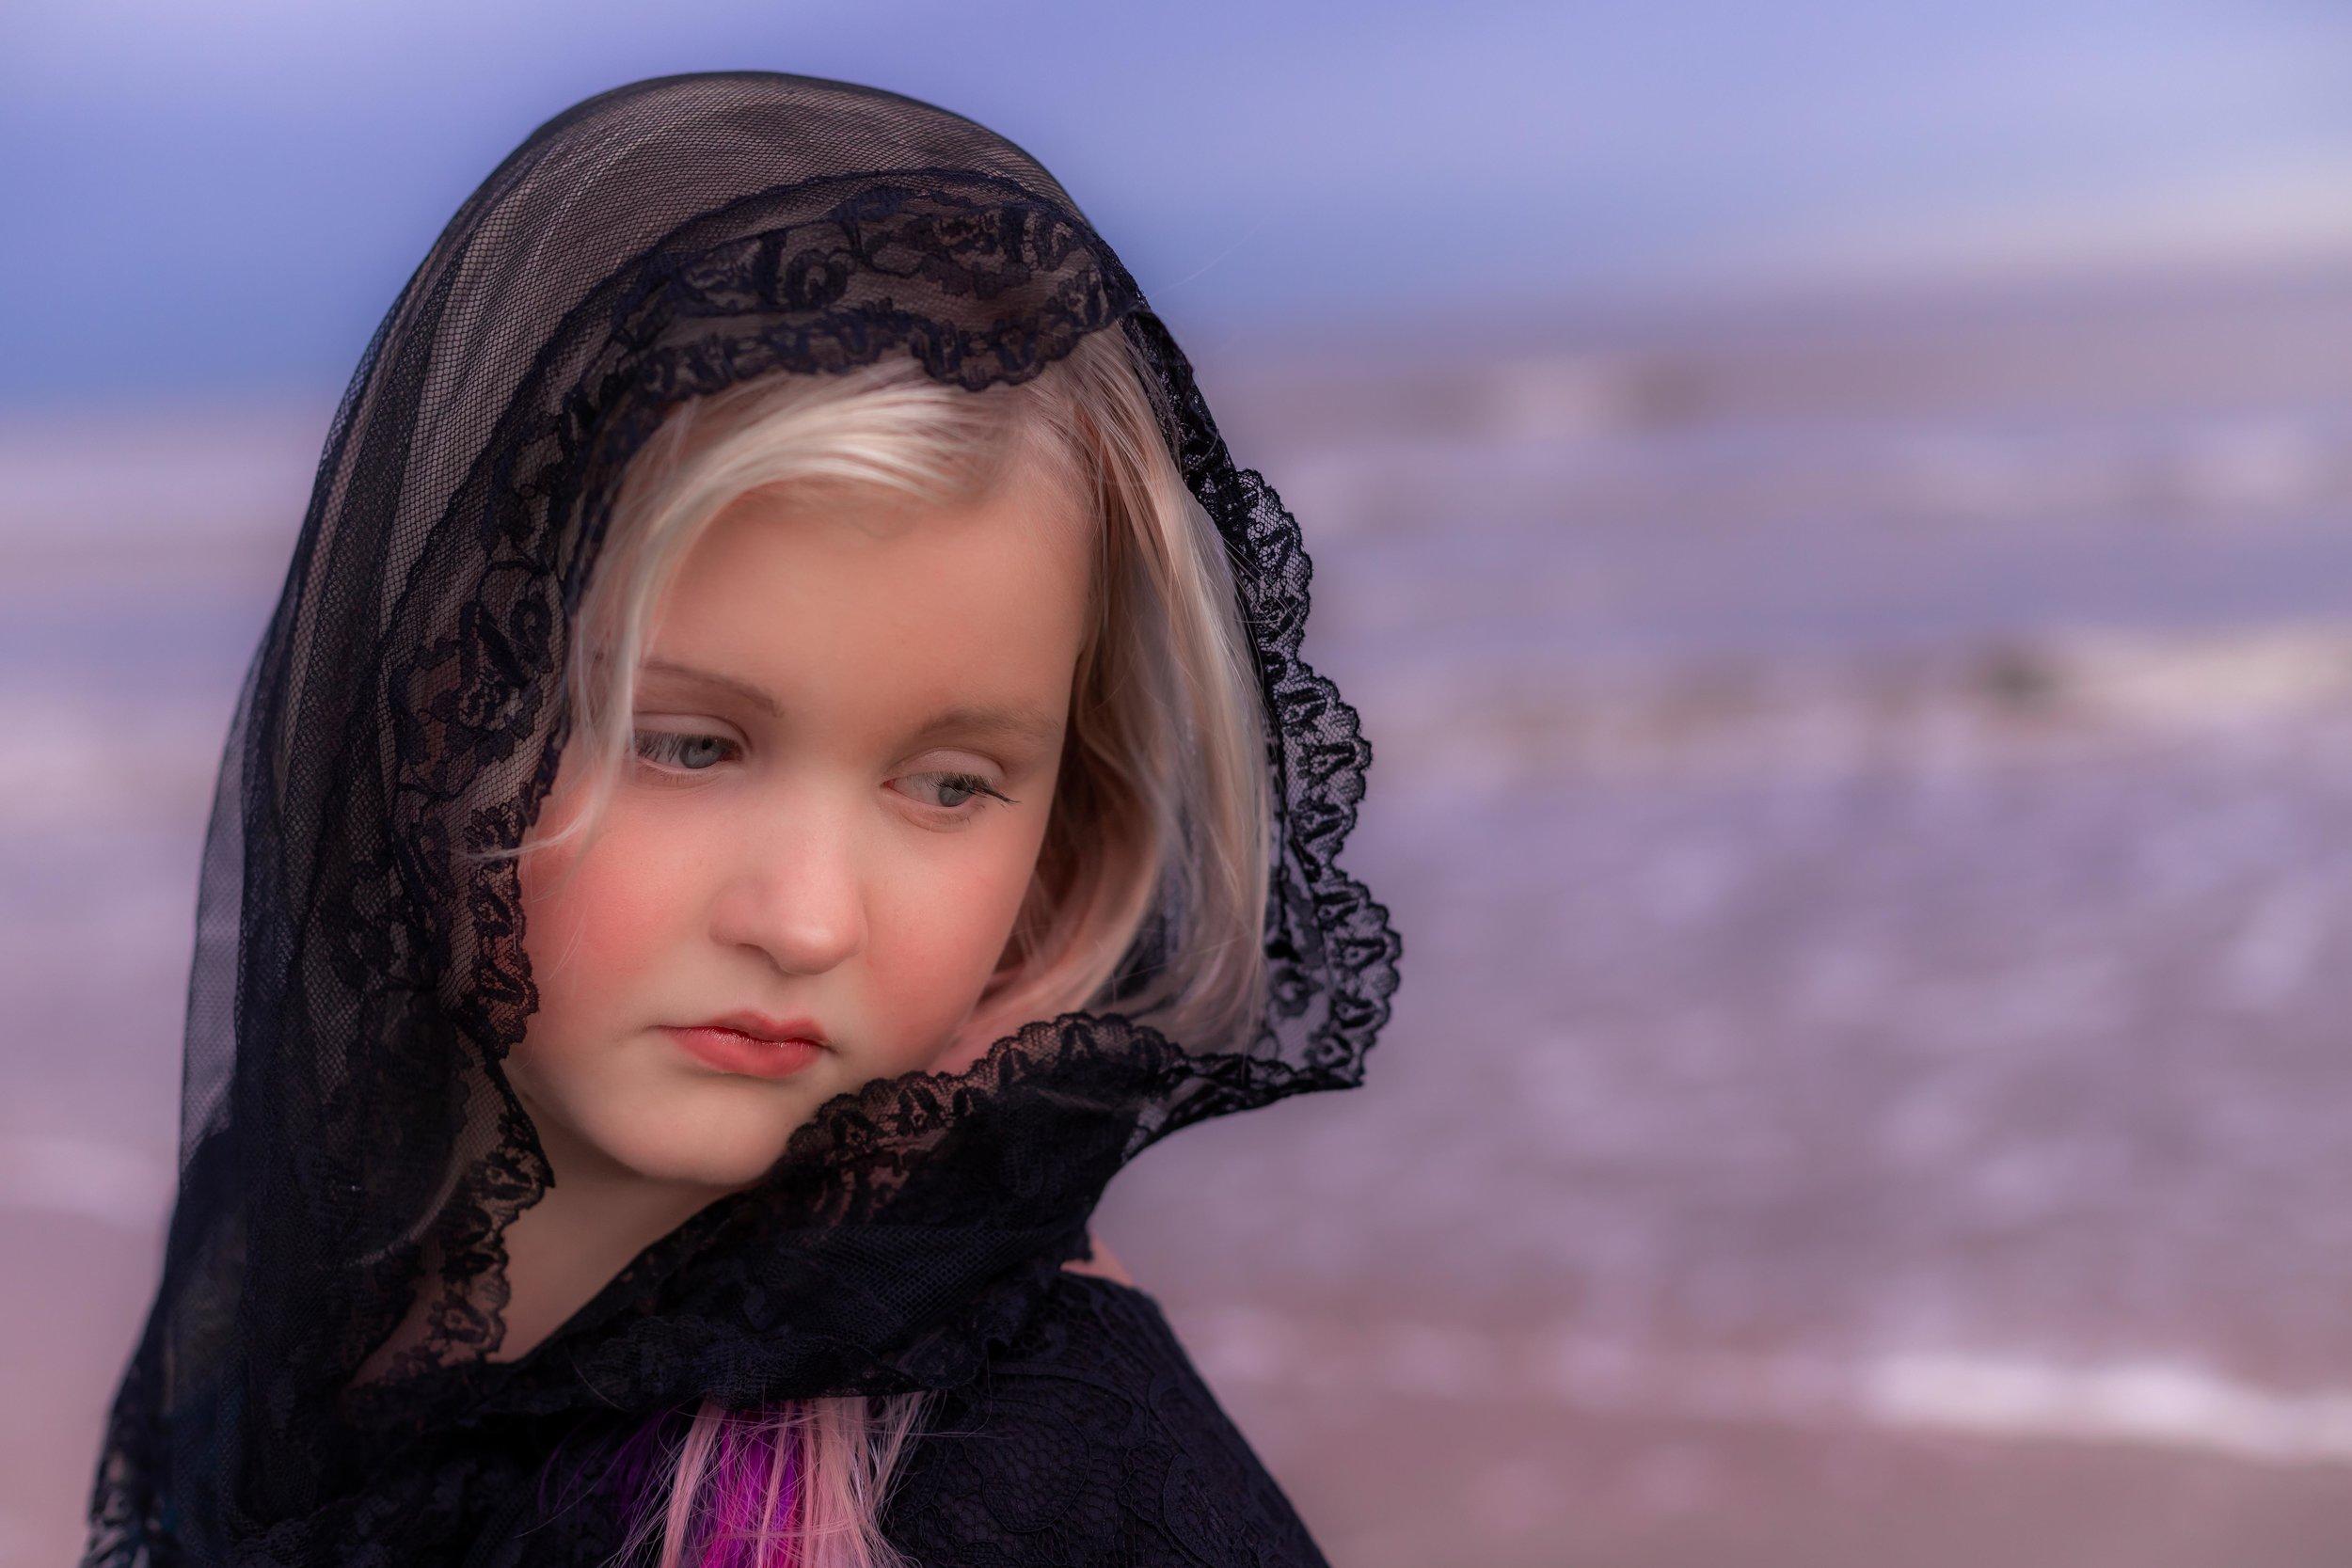 scheveningen fine art child portrait kinderportret kim holterman zwolle pier scheveningen strand